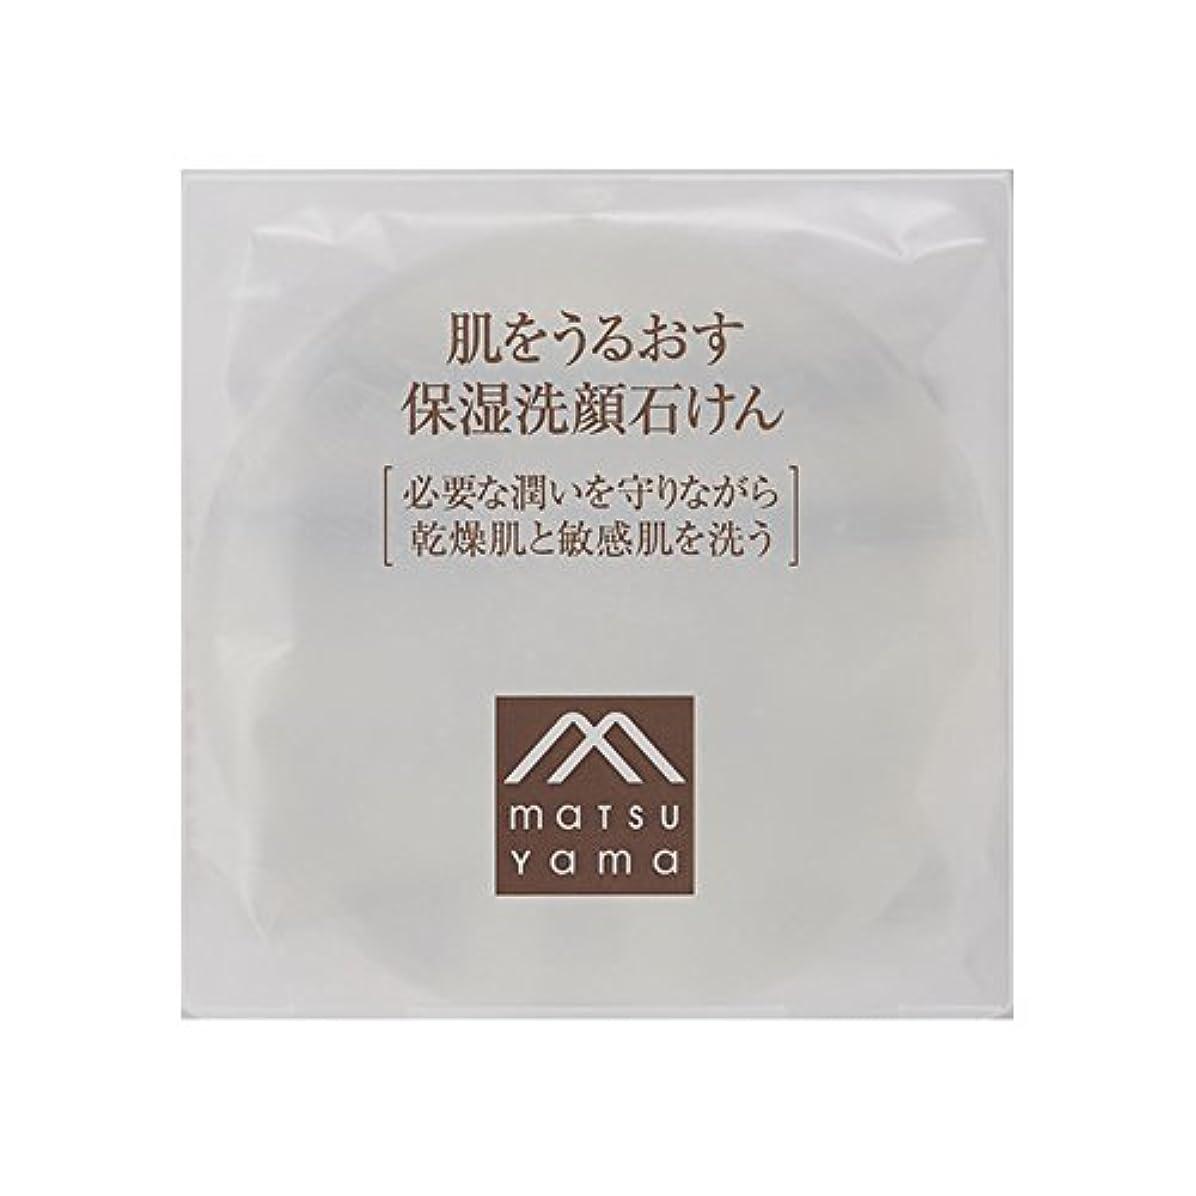 称賛ビーム新鮮な肌をうるおす保湿洗顔石けん(洗顔料) [乾燥肌 敏感肌]